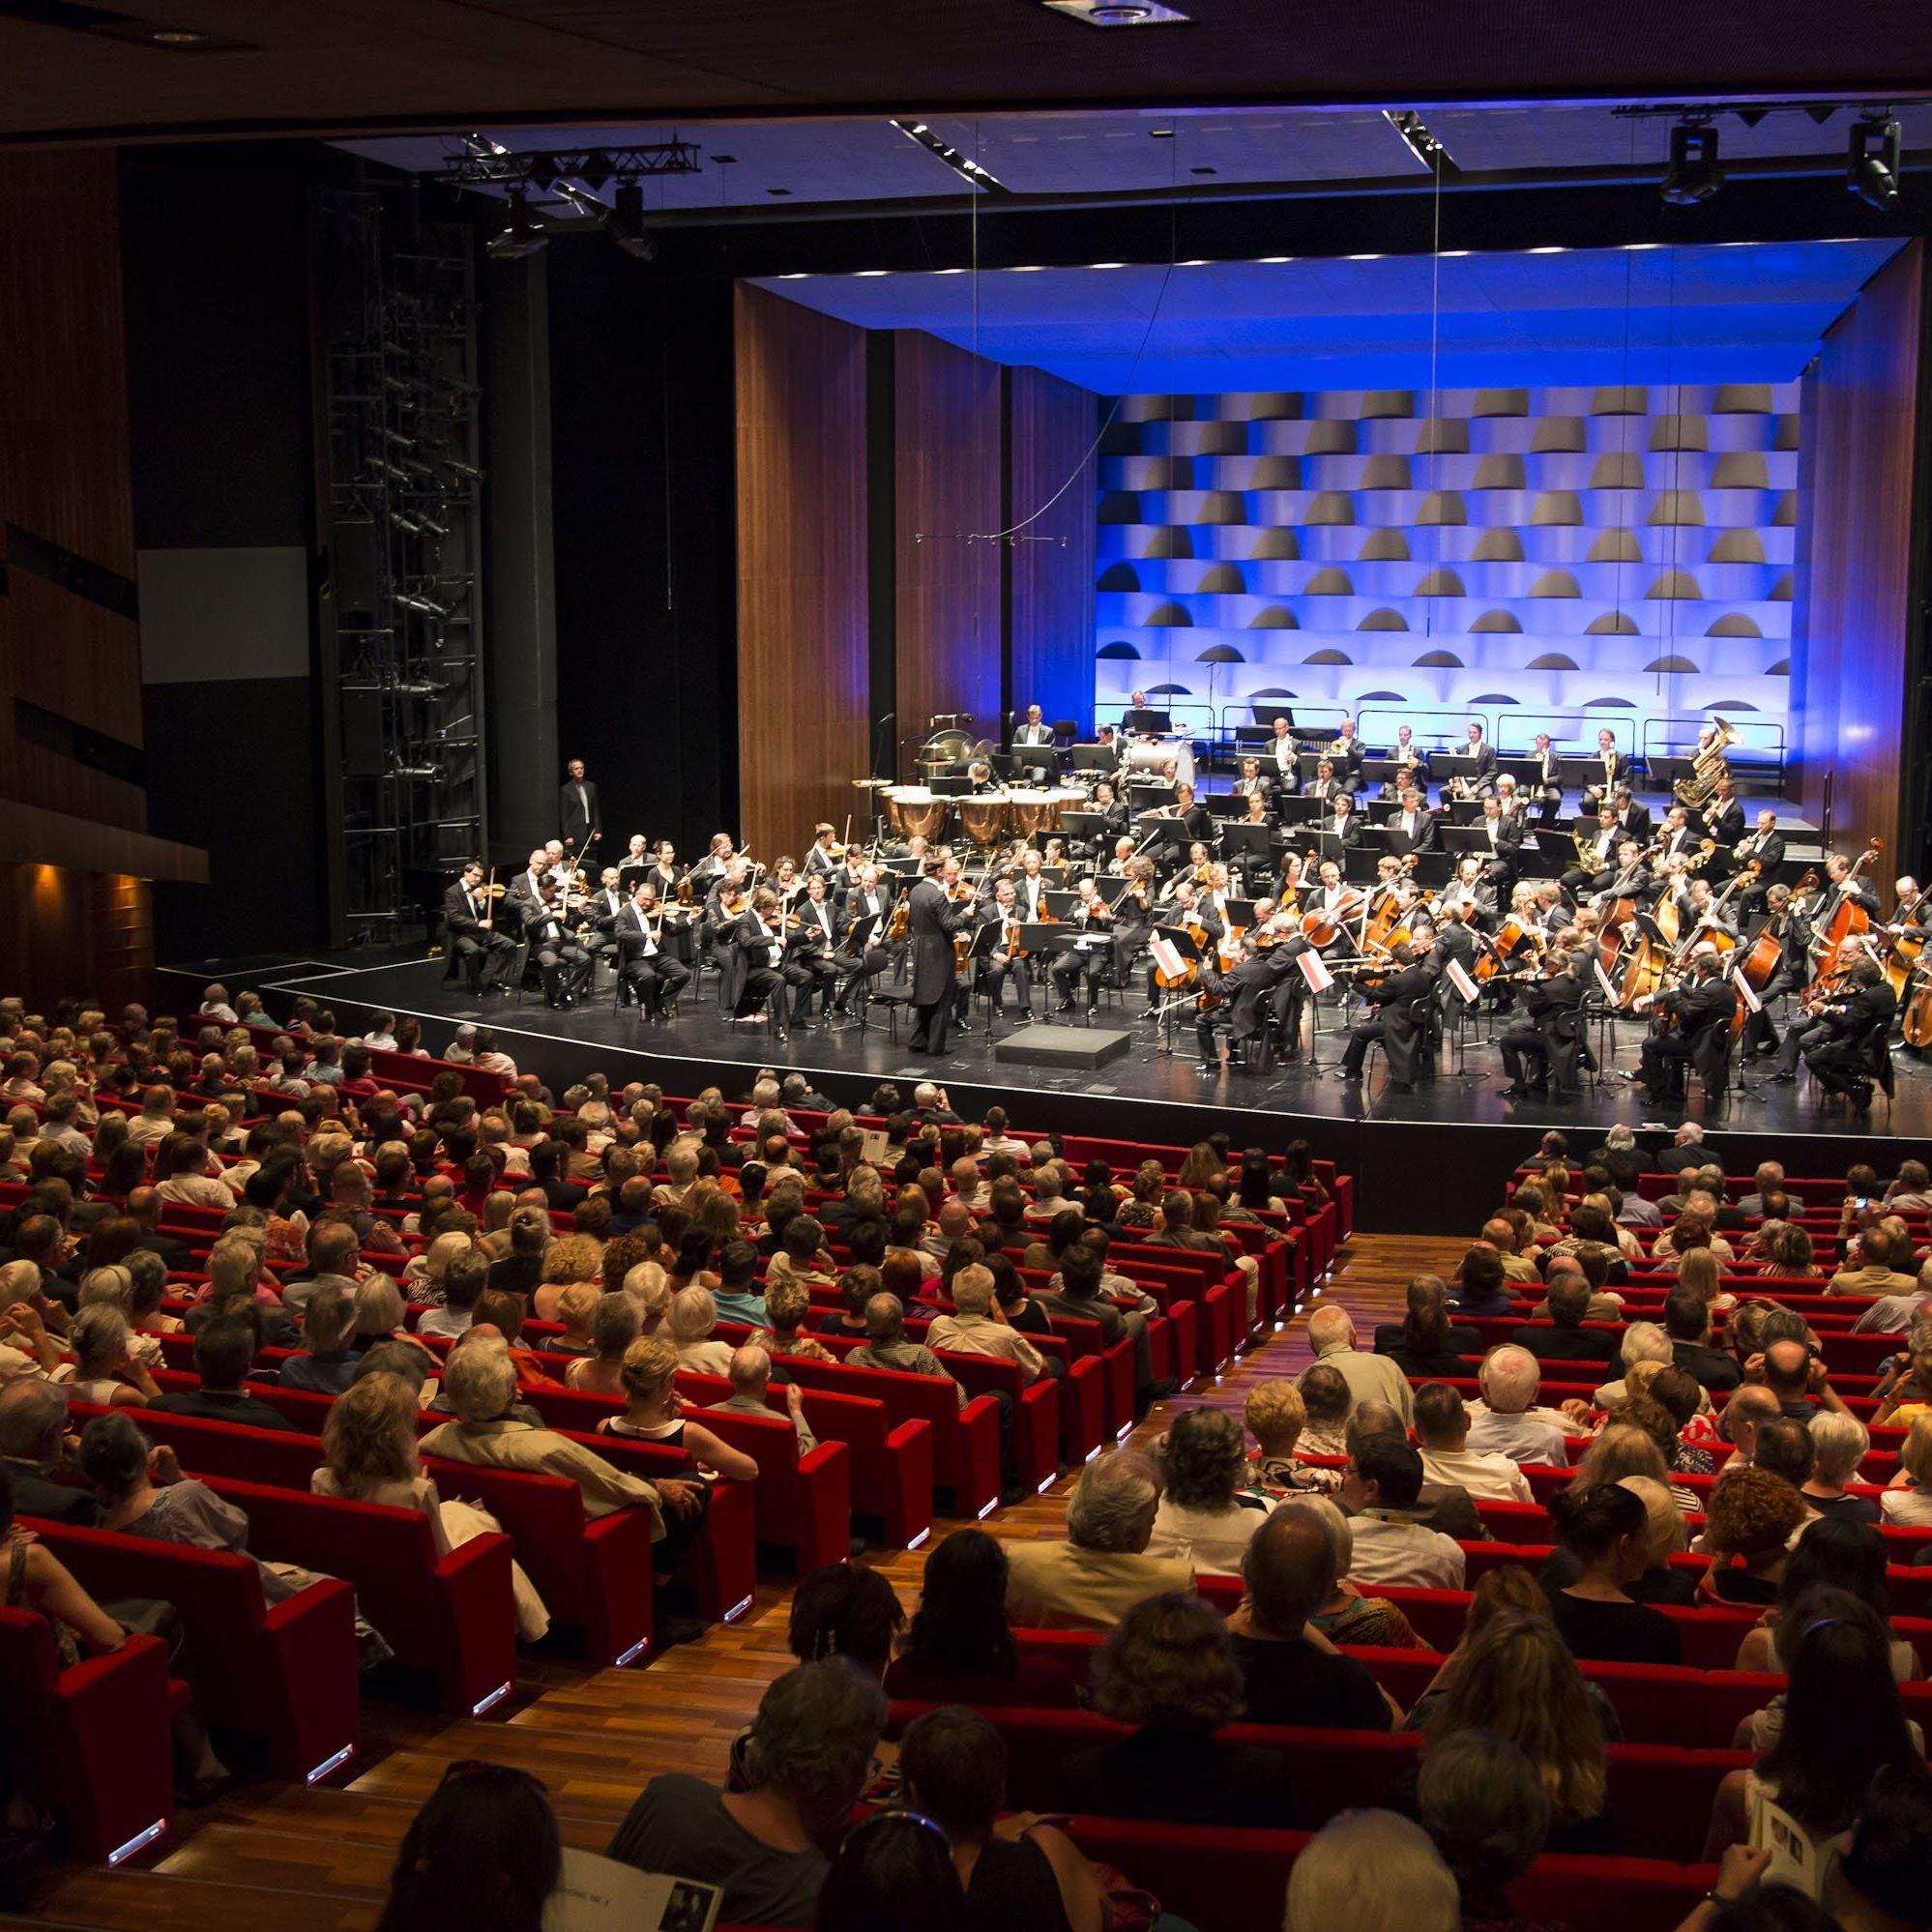 Jerome Pernoo brillierte mit Offenbachs Grand Concerto für Violoncello.